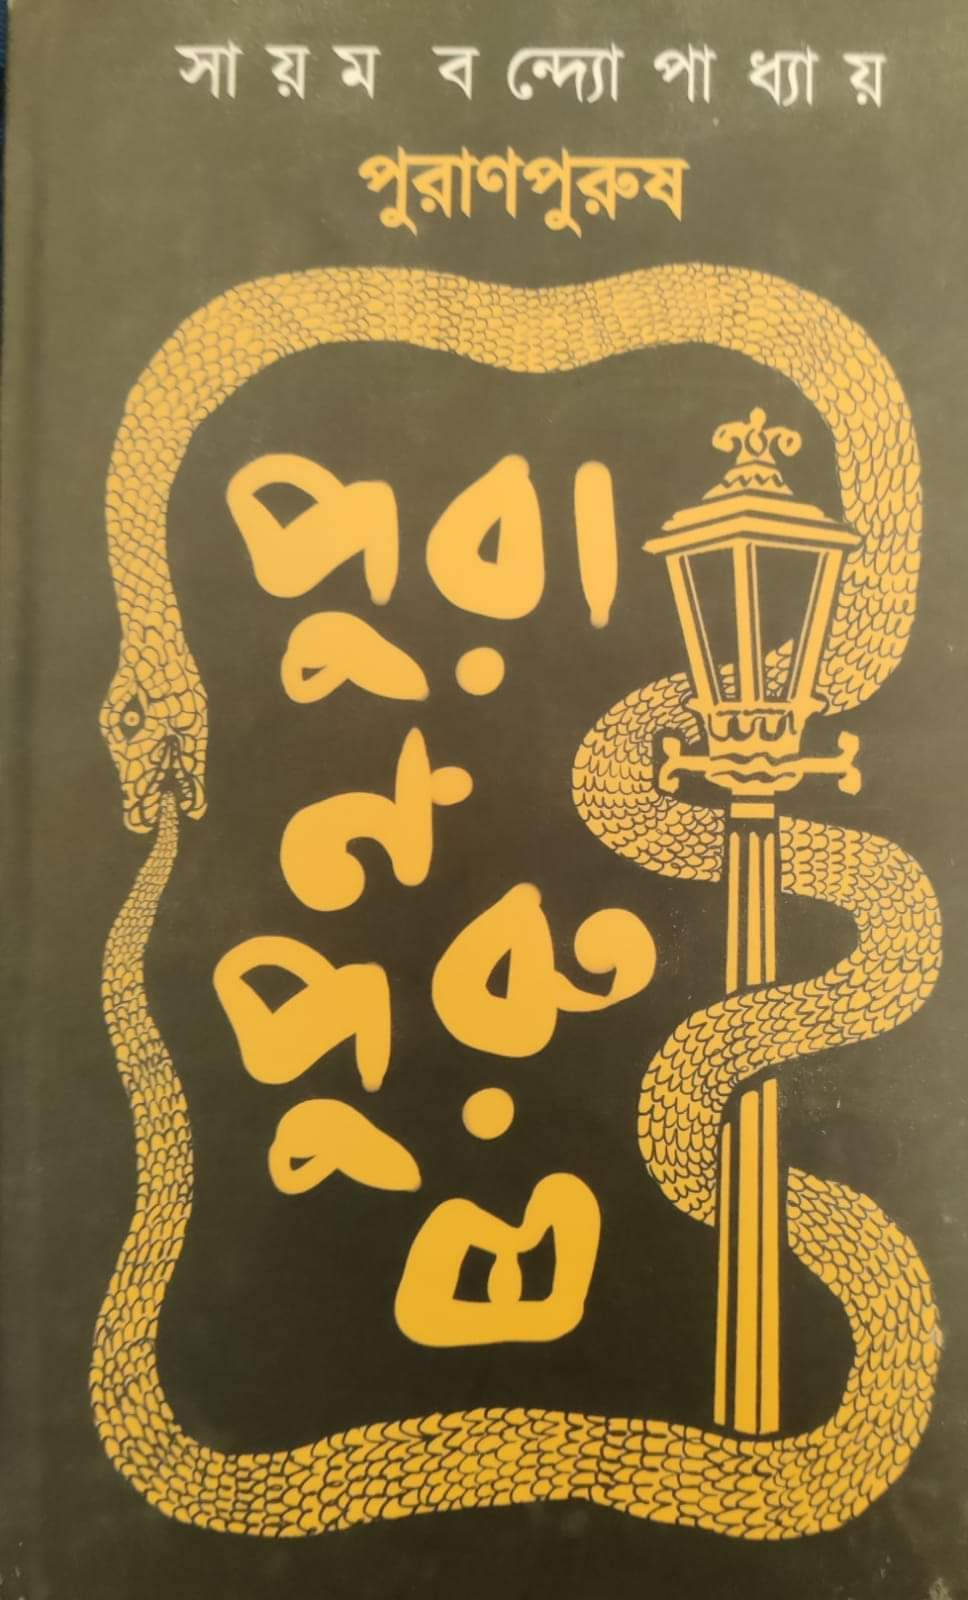 ইতিহাসের সীমা ছাড়িয়ে অতিকথার বিস্তারে মিশে যাওয়ার আখ্যান <br />   রাহুল দাশগুপ্ত